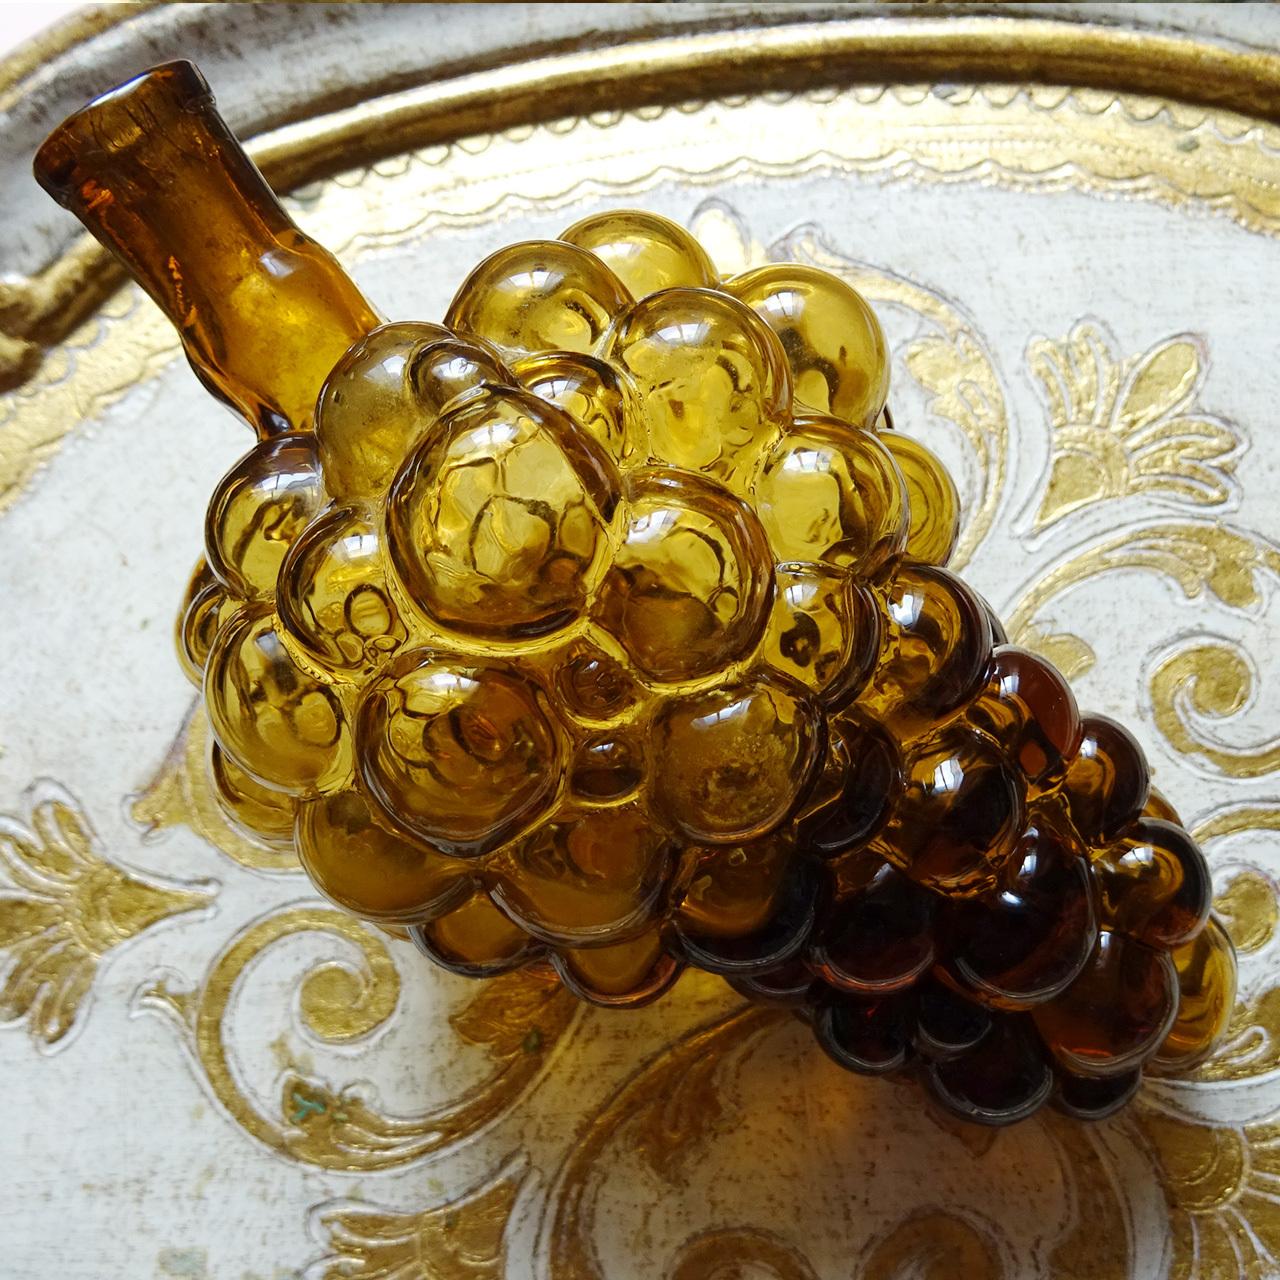 チェコスロバキア ヴィンテージ 古い葡萄の瓶